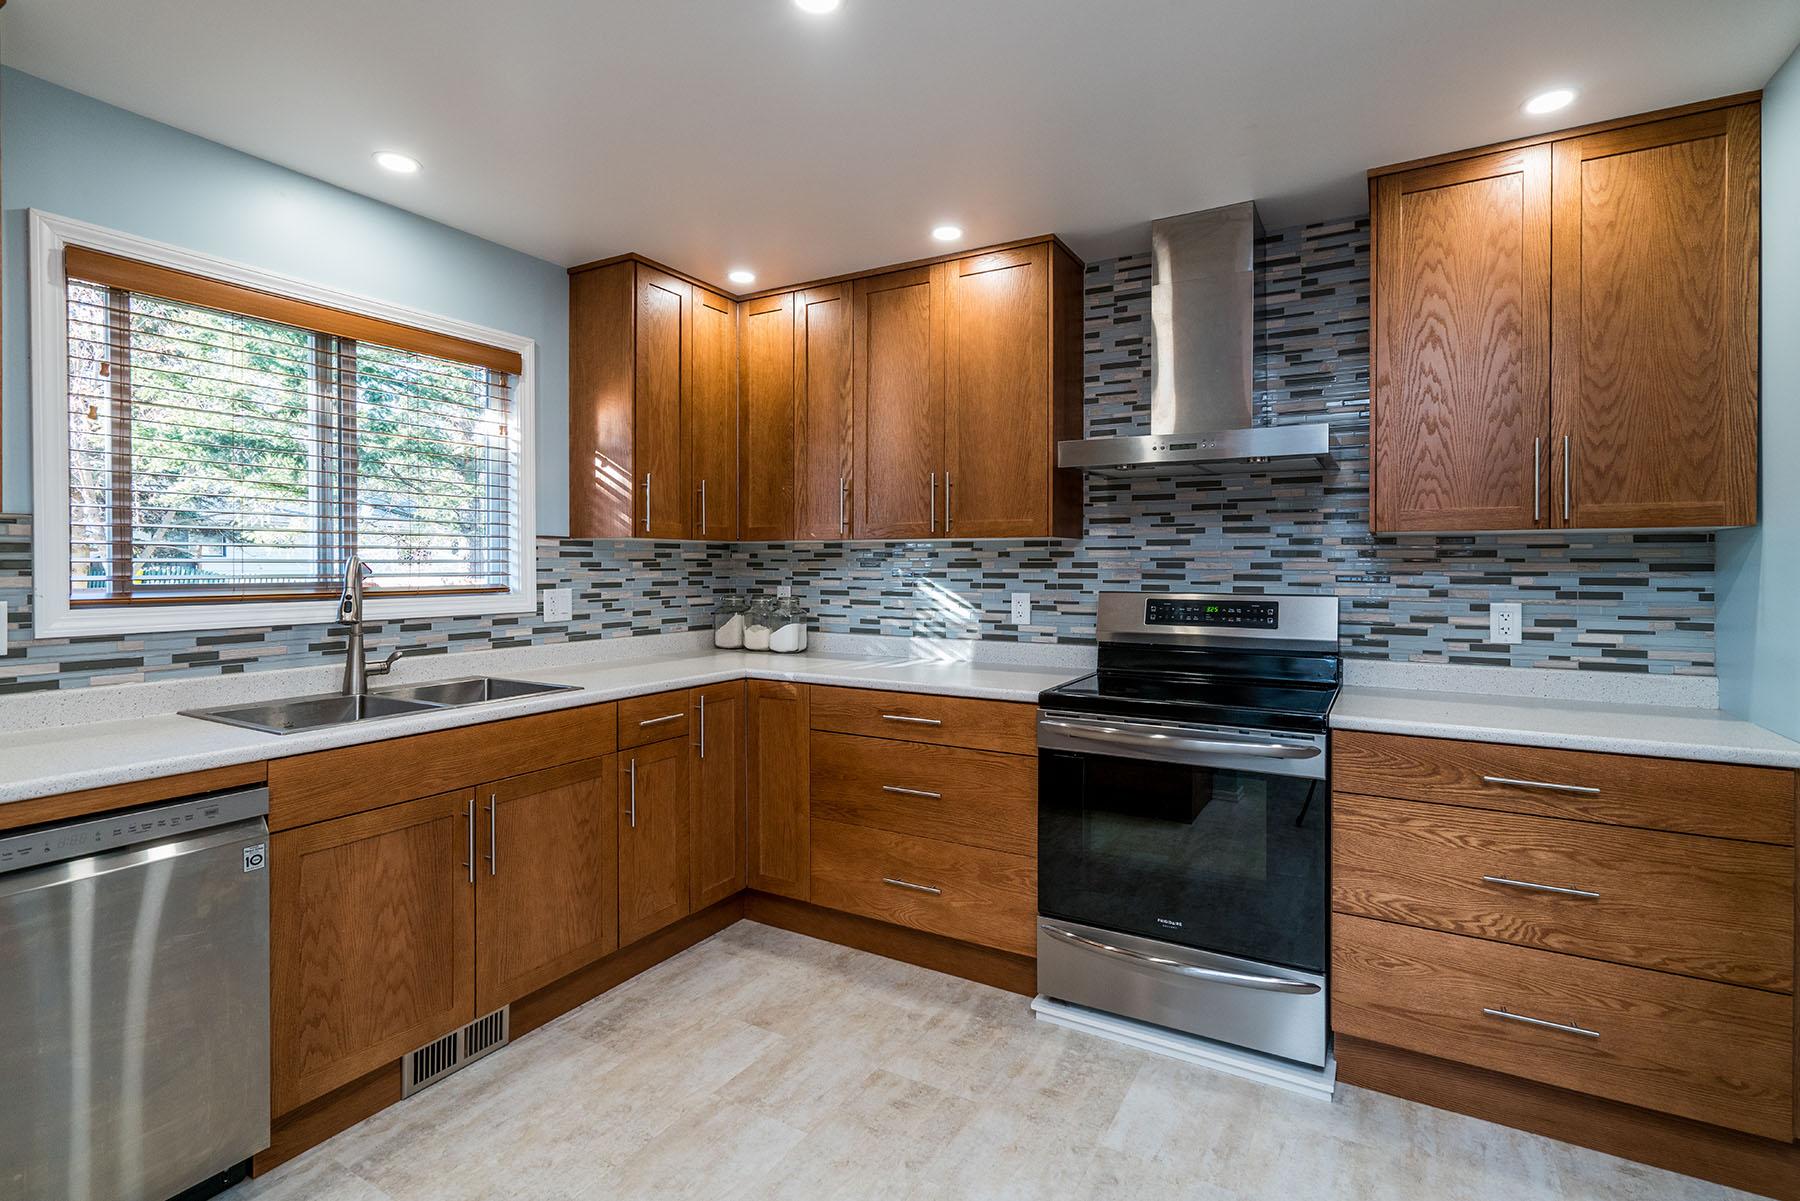 Kitchen - Regis 003